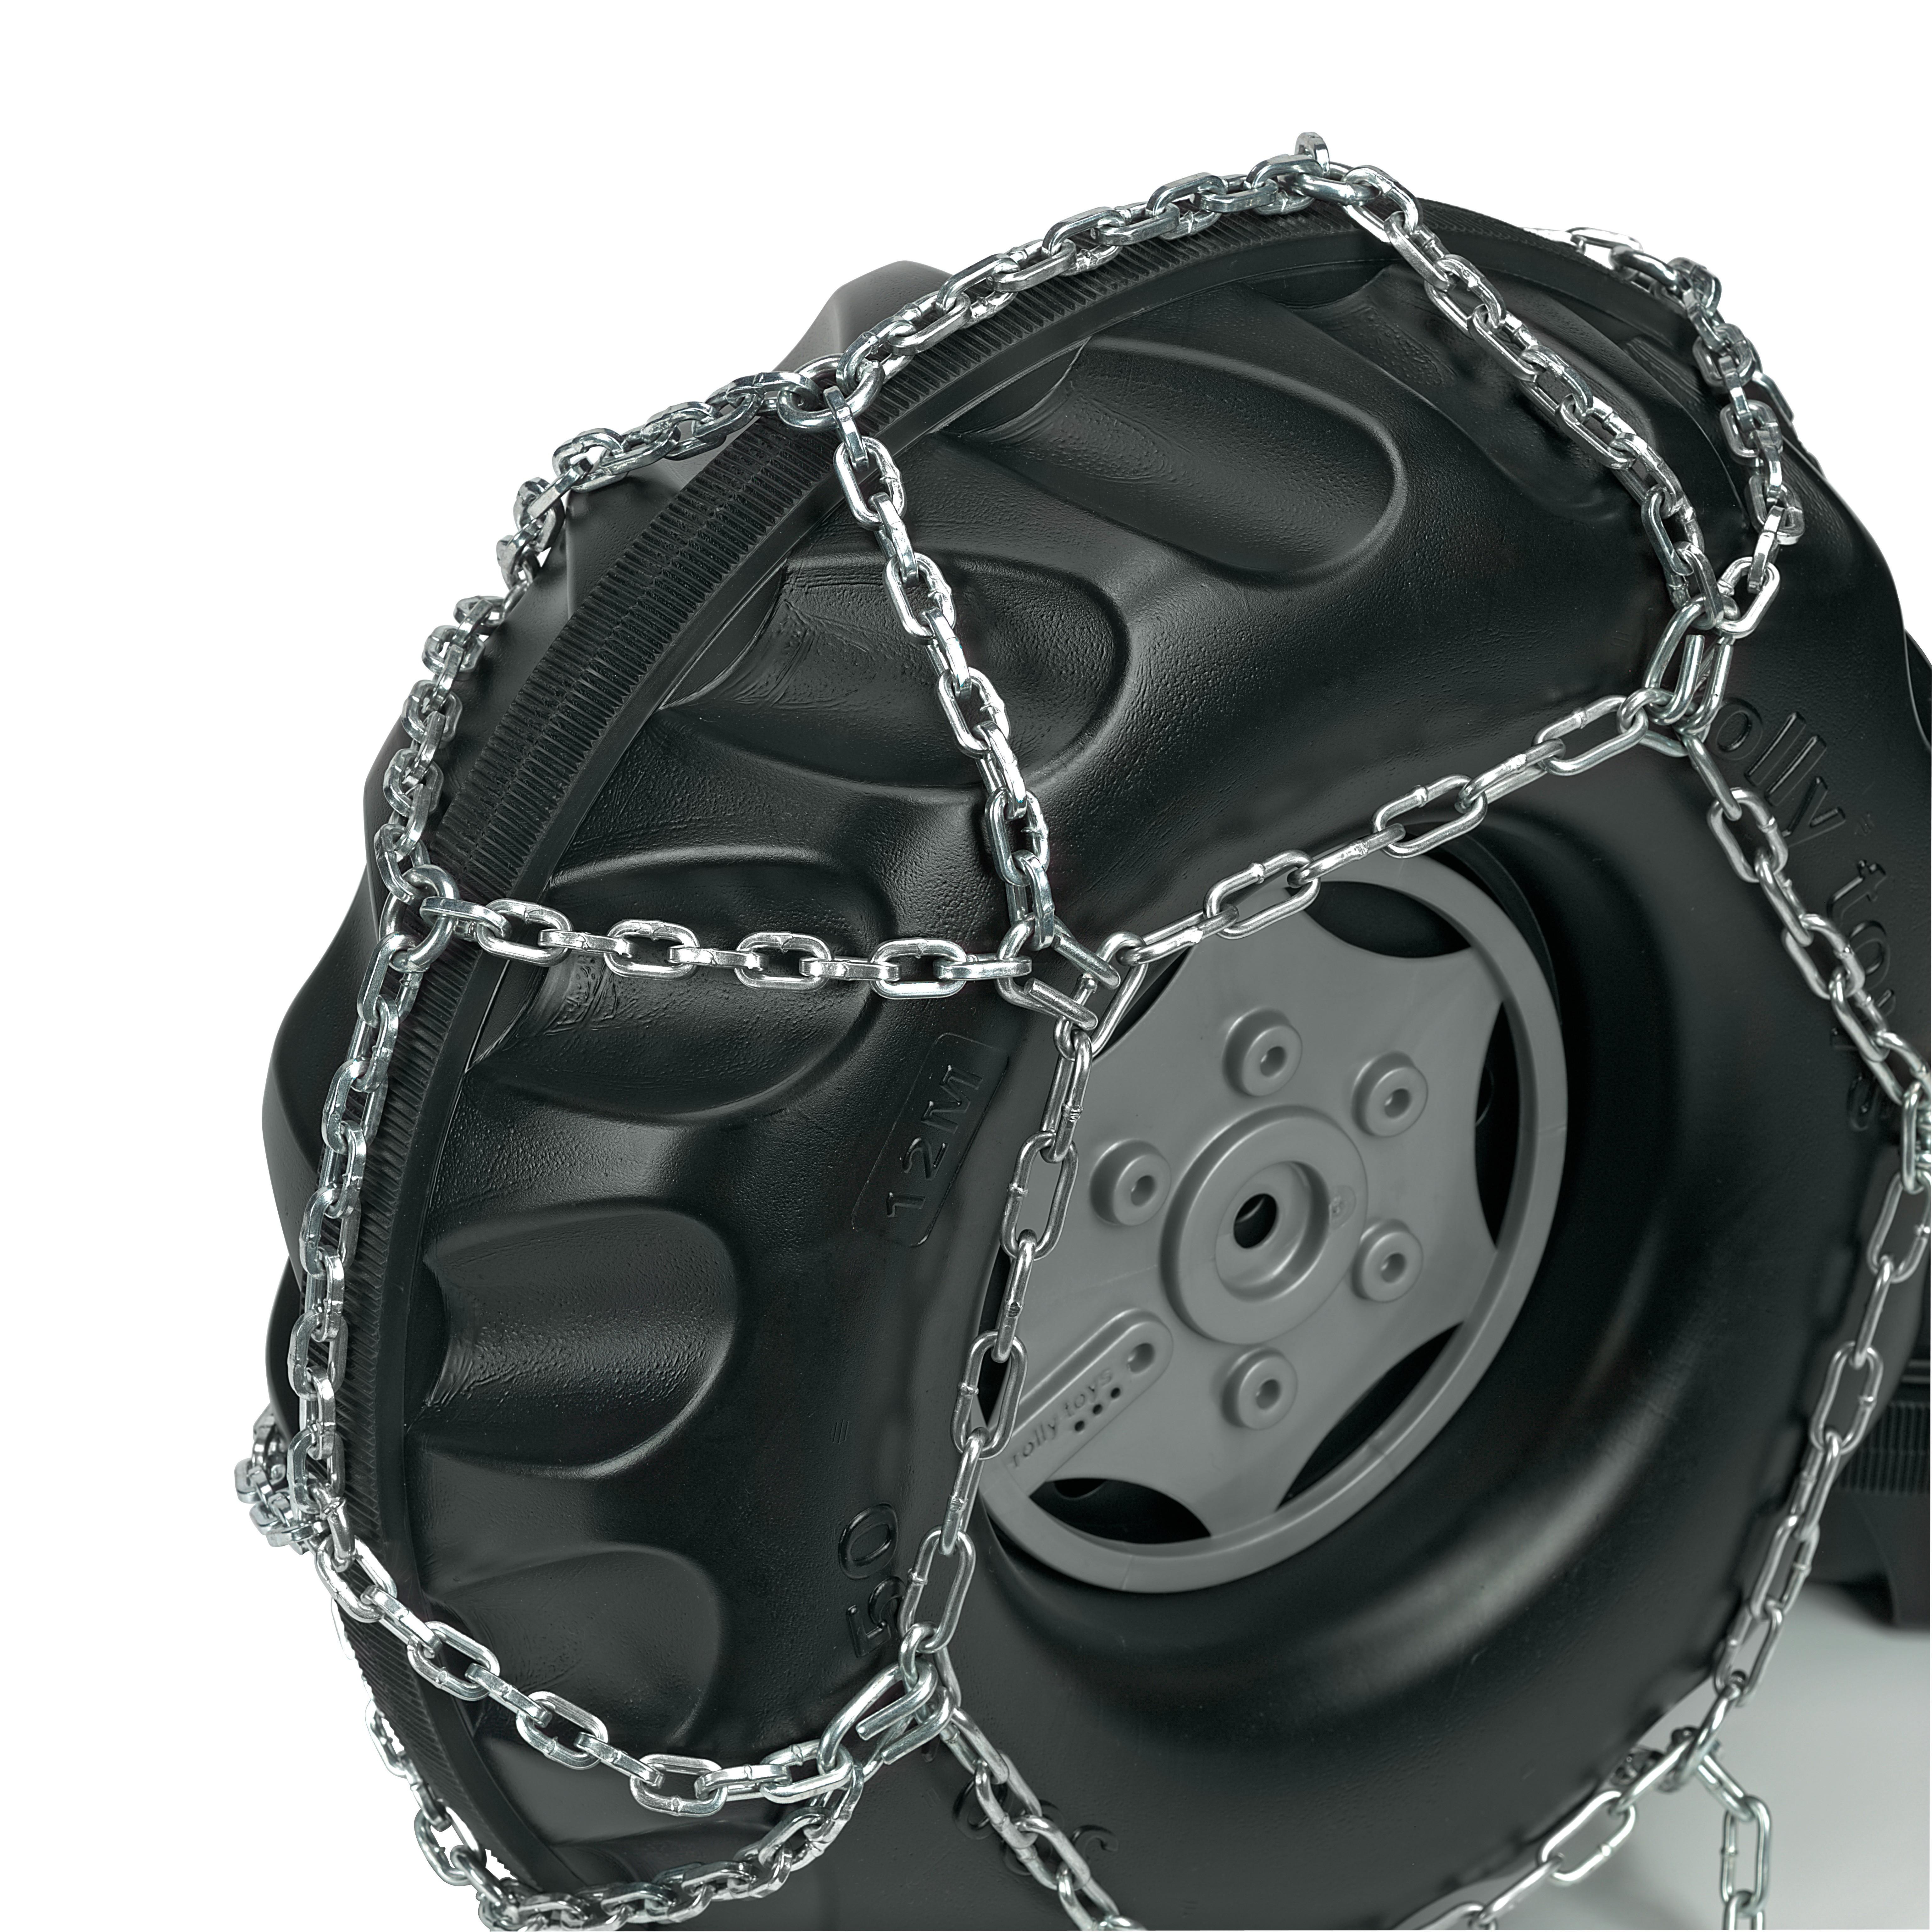 Schneeketten für Tretfahrzeug 325x110 + 330x120 - Rolly Toys Bild 2